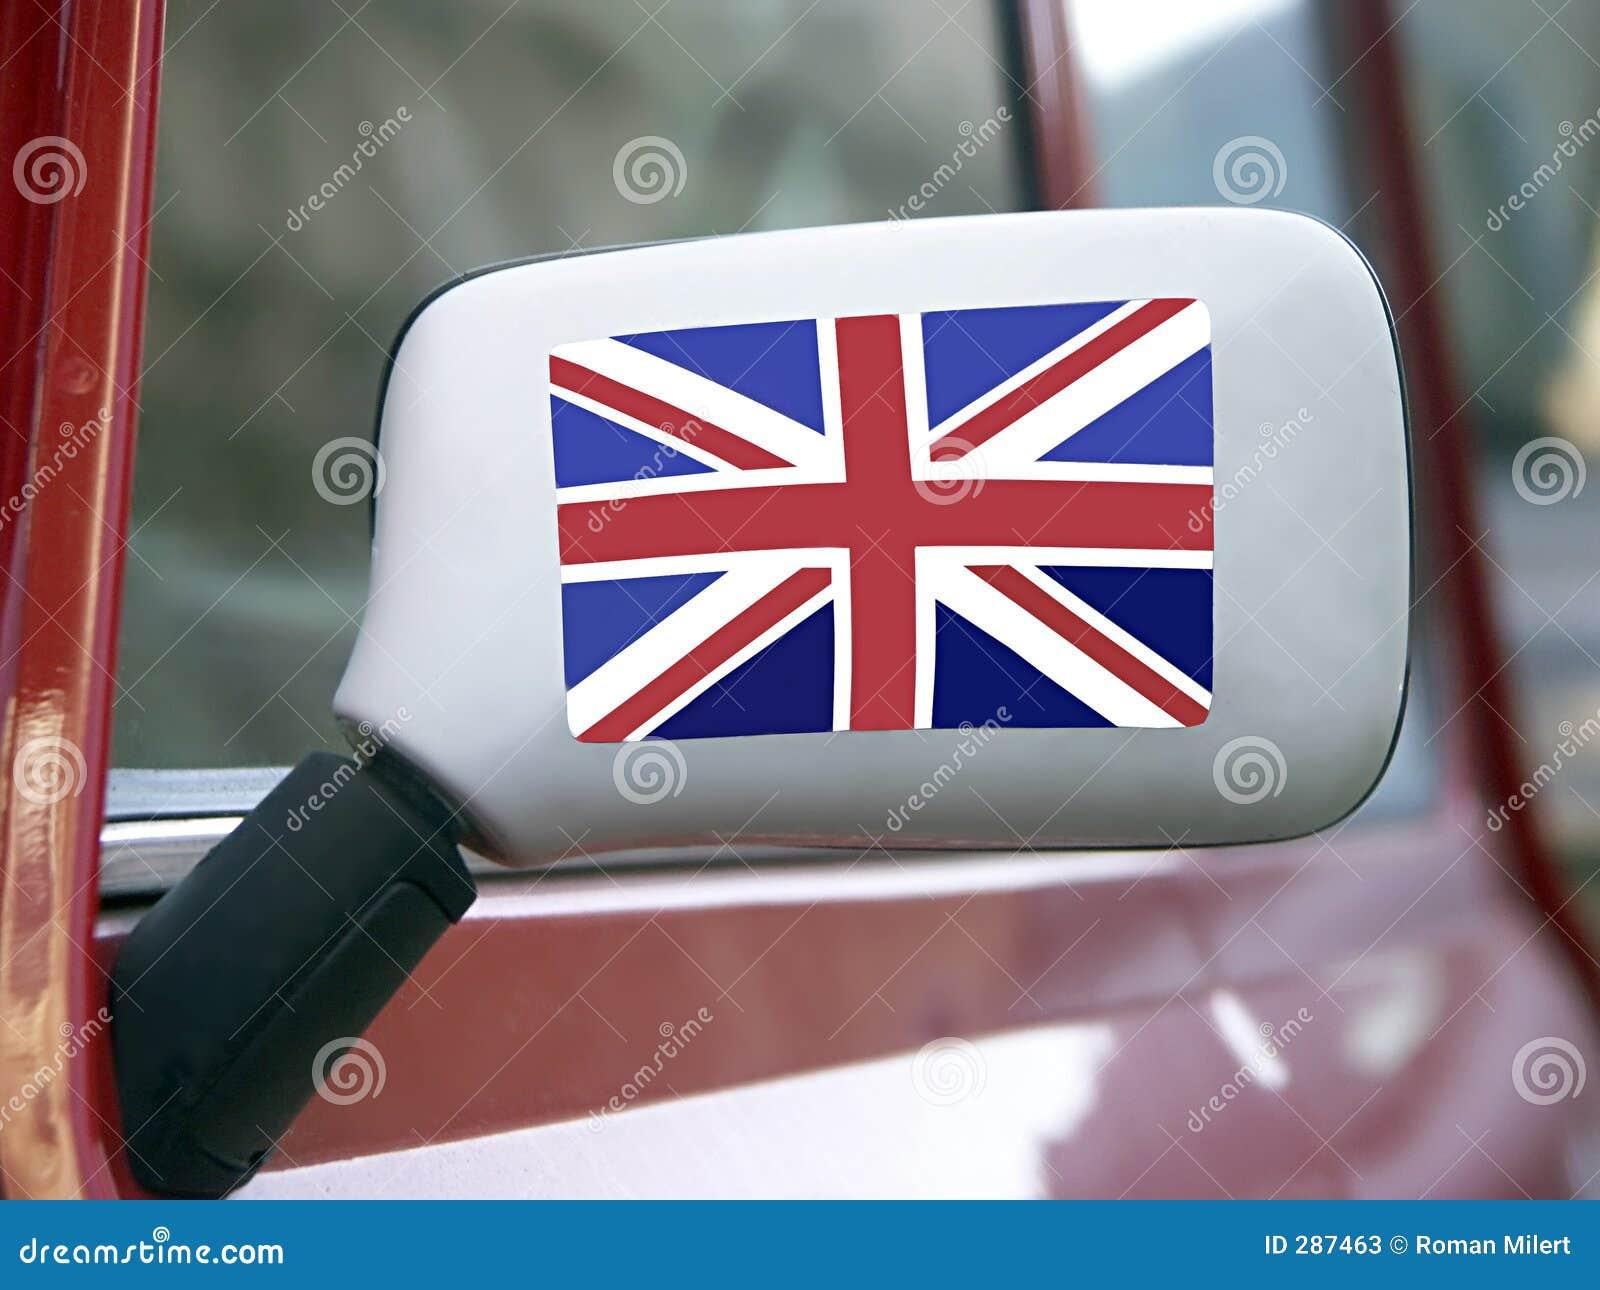 Var brittisk stolt till